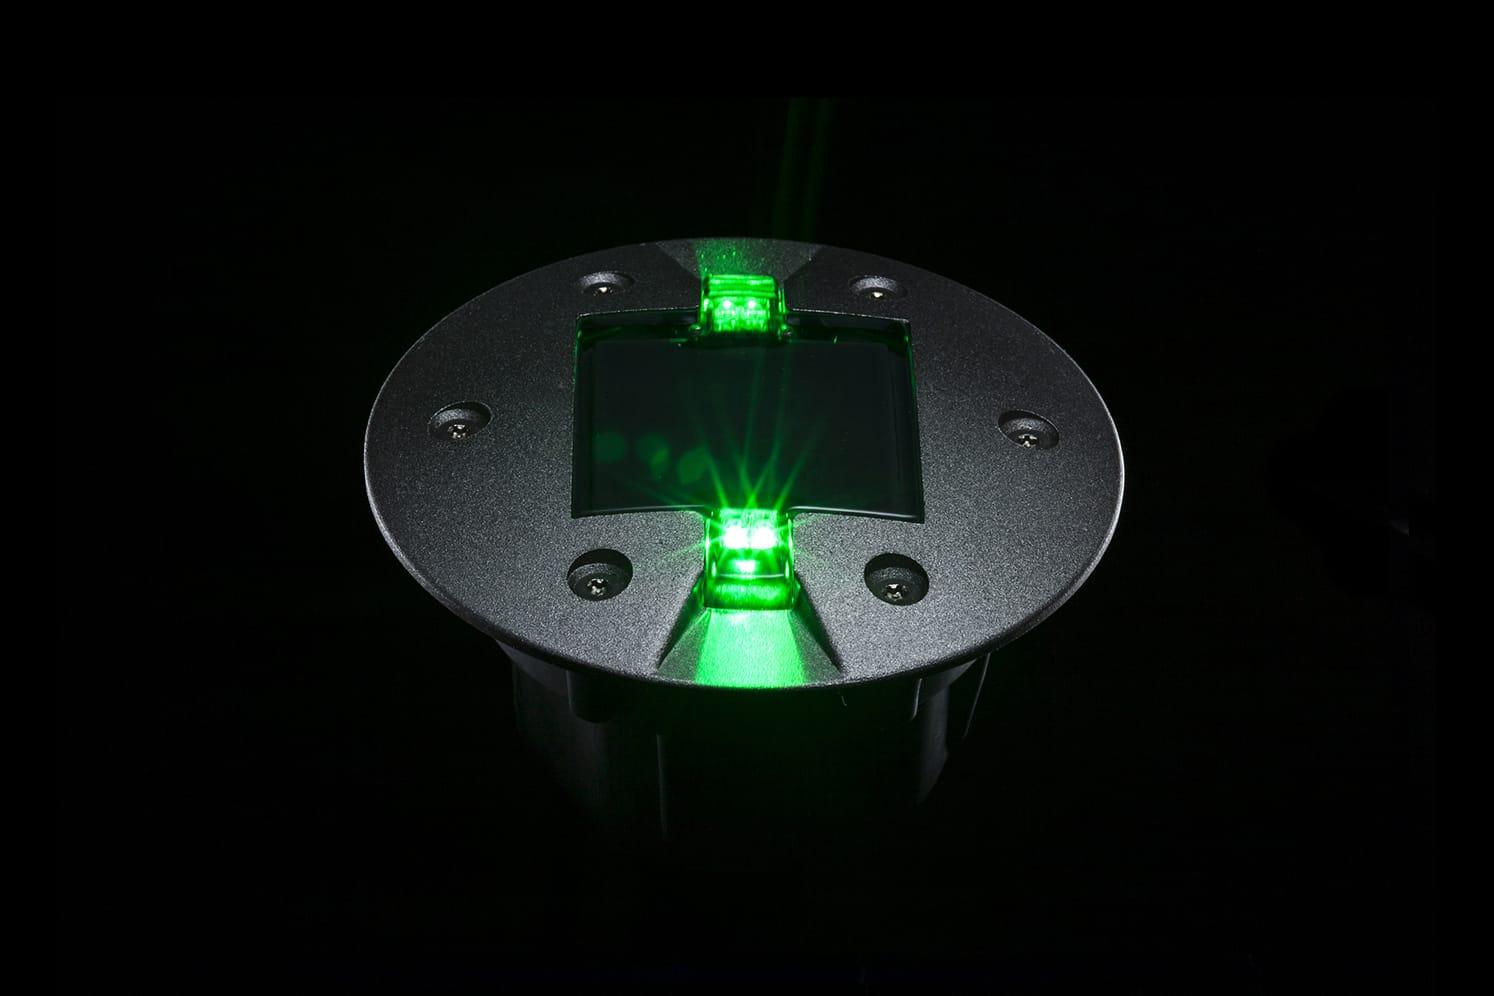 Plot LED routier vert pour piste cyclable, voirie. ECO-843 : balisage lumineux à faible consommation énergétique adapté au passage régulier de véhicules lourds.